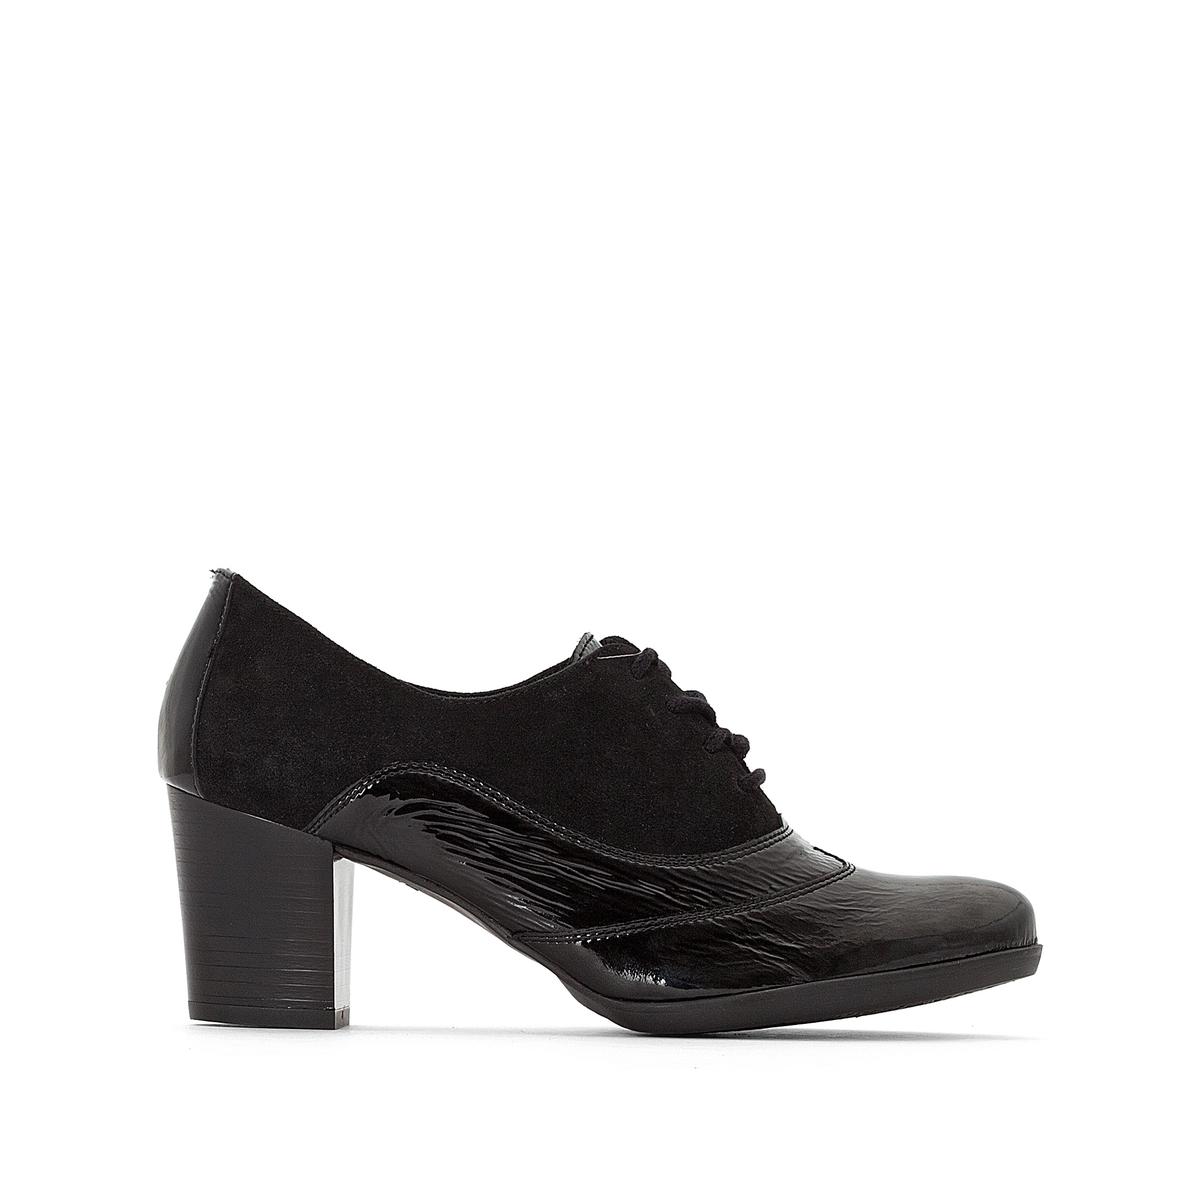 купить Ботинки-дерби, из кожи, на высоком каблуке недорого